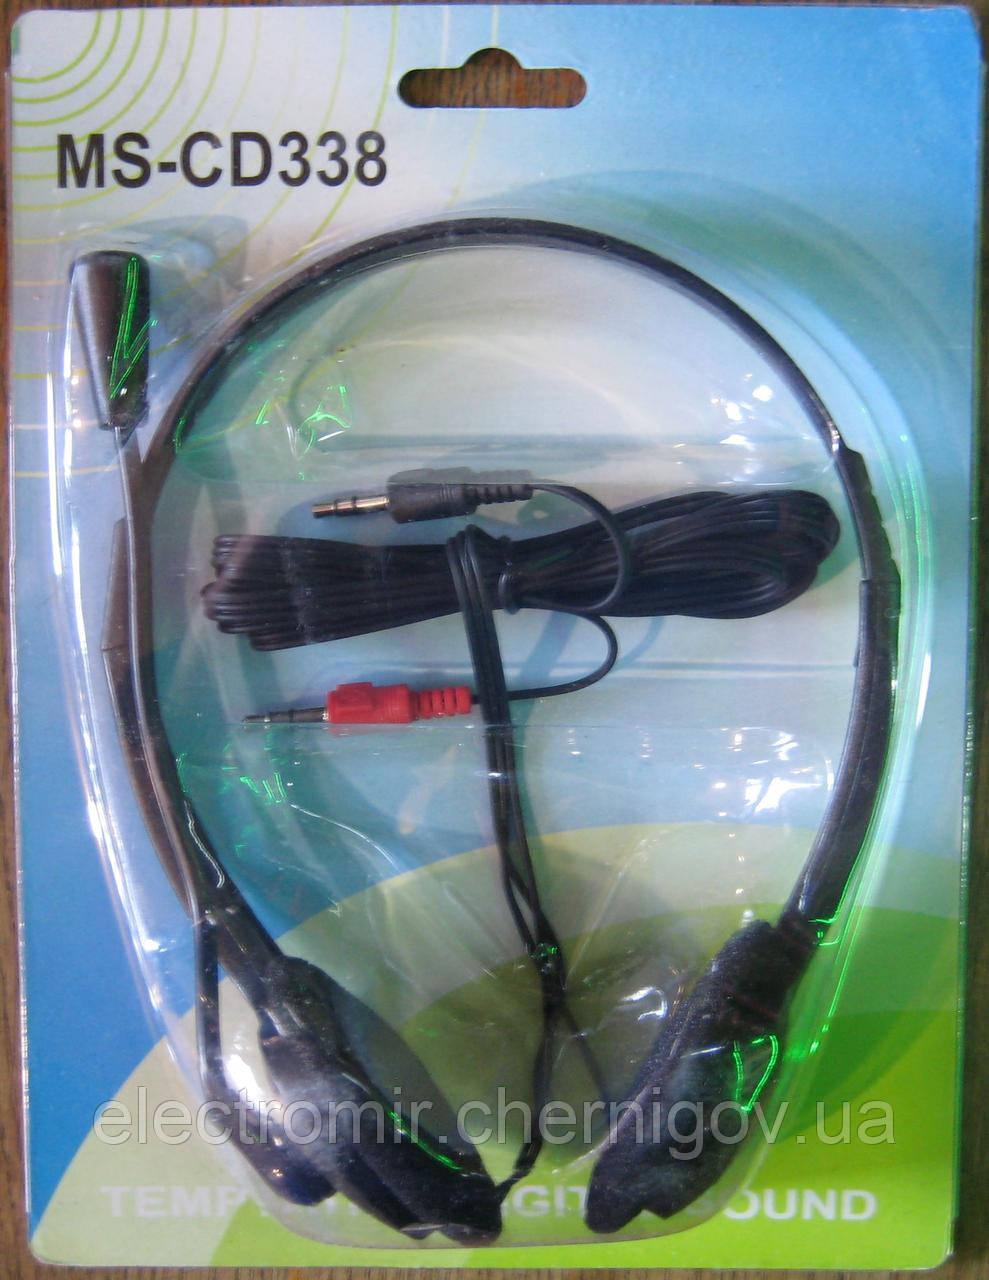 Наушники компьютерные с микрофоном MS-CD338 (чёрный)